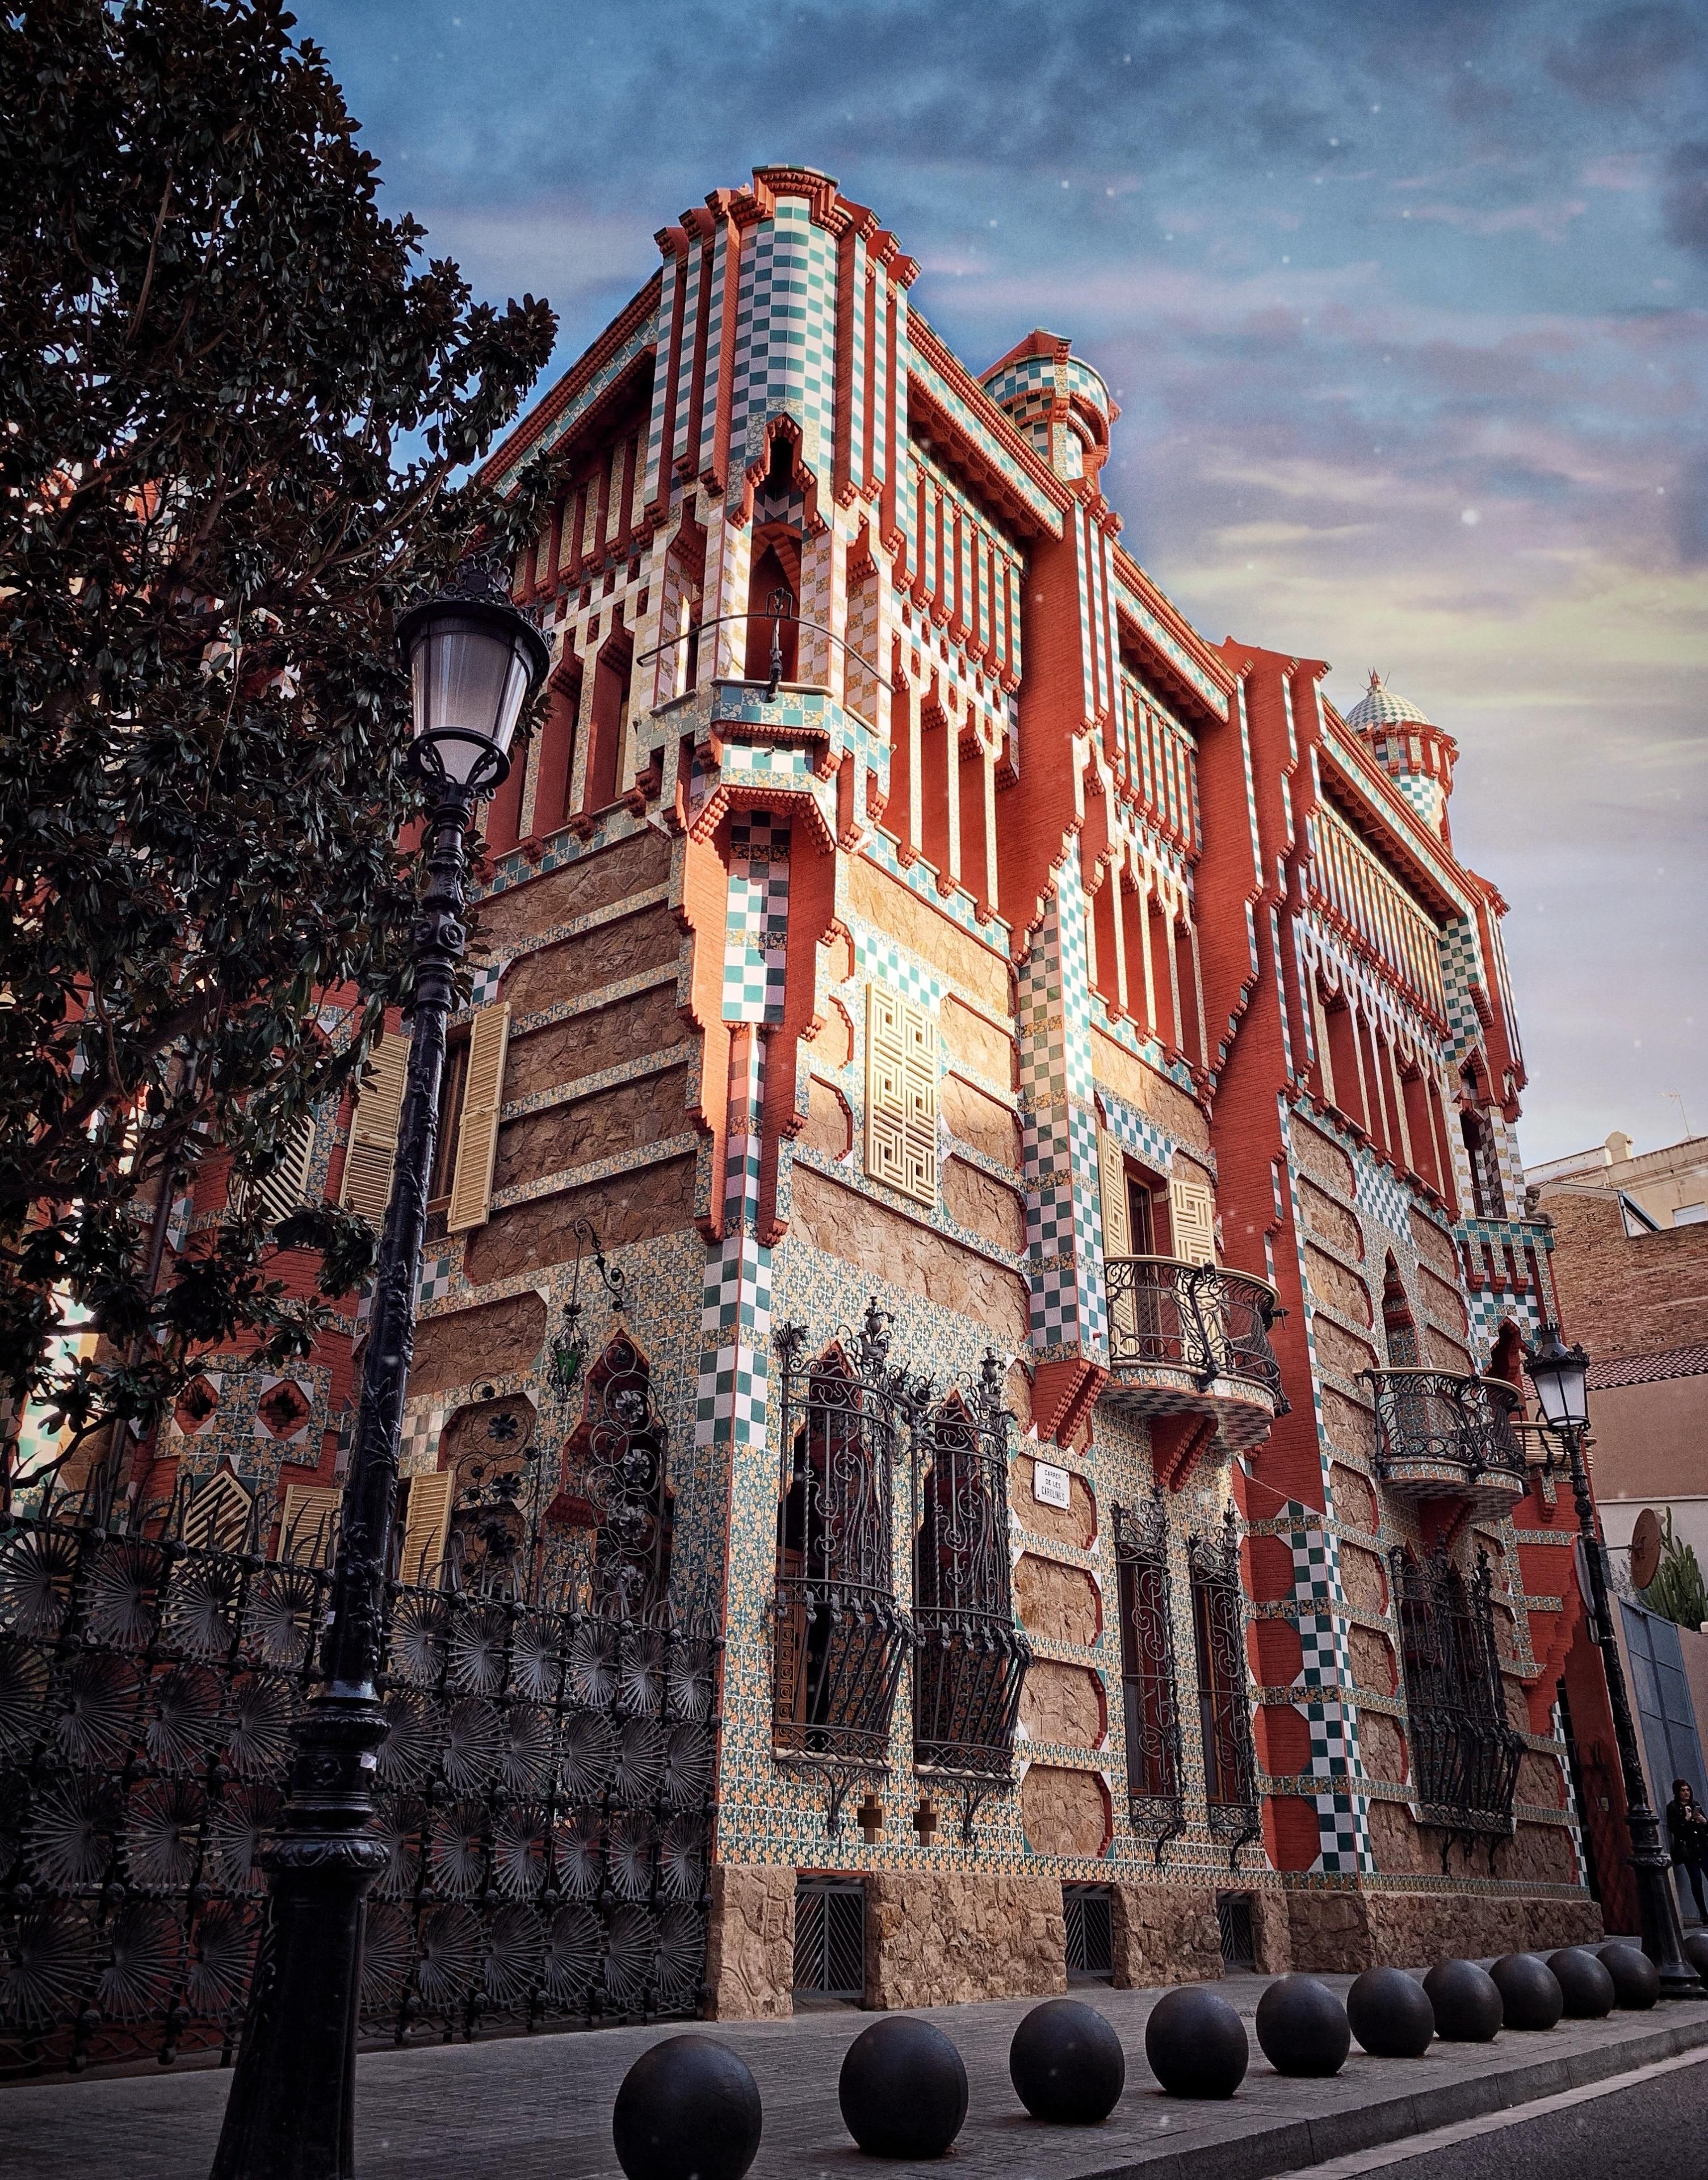 El Putget i Farró, Barcelona, Katalonien, Spanien